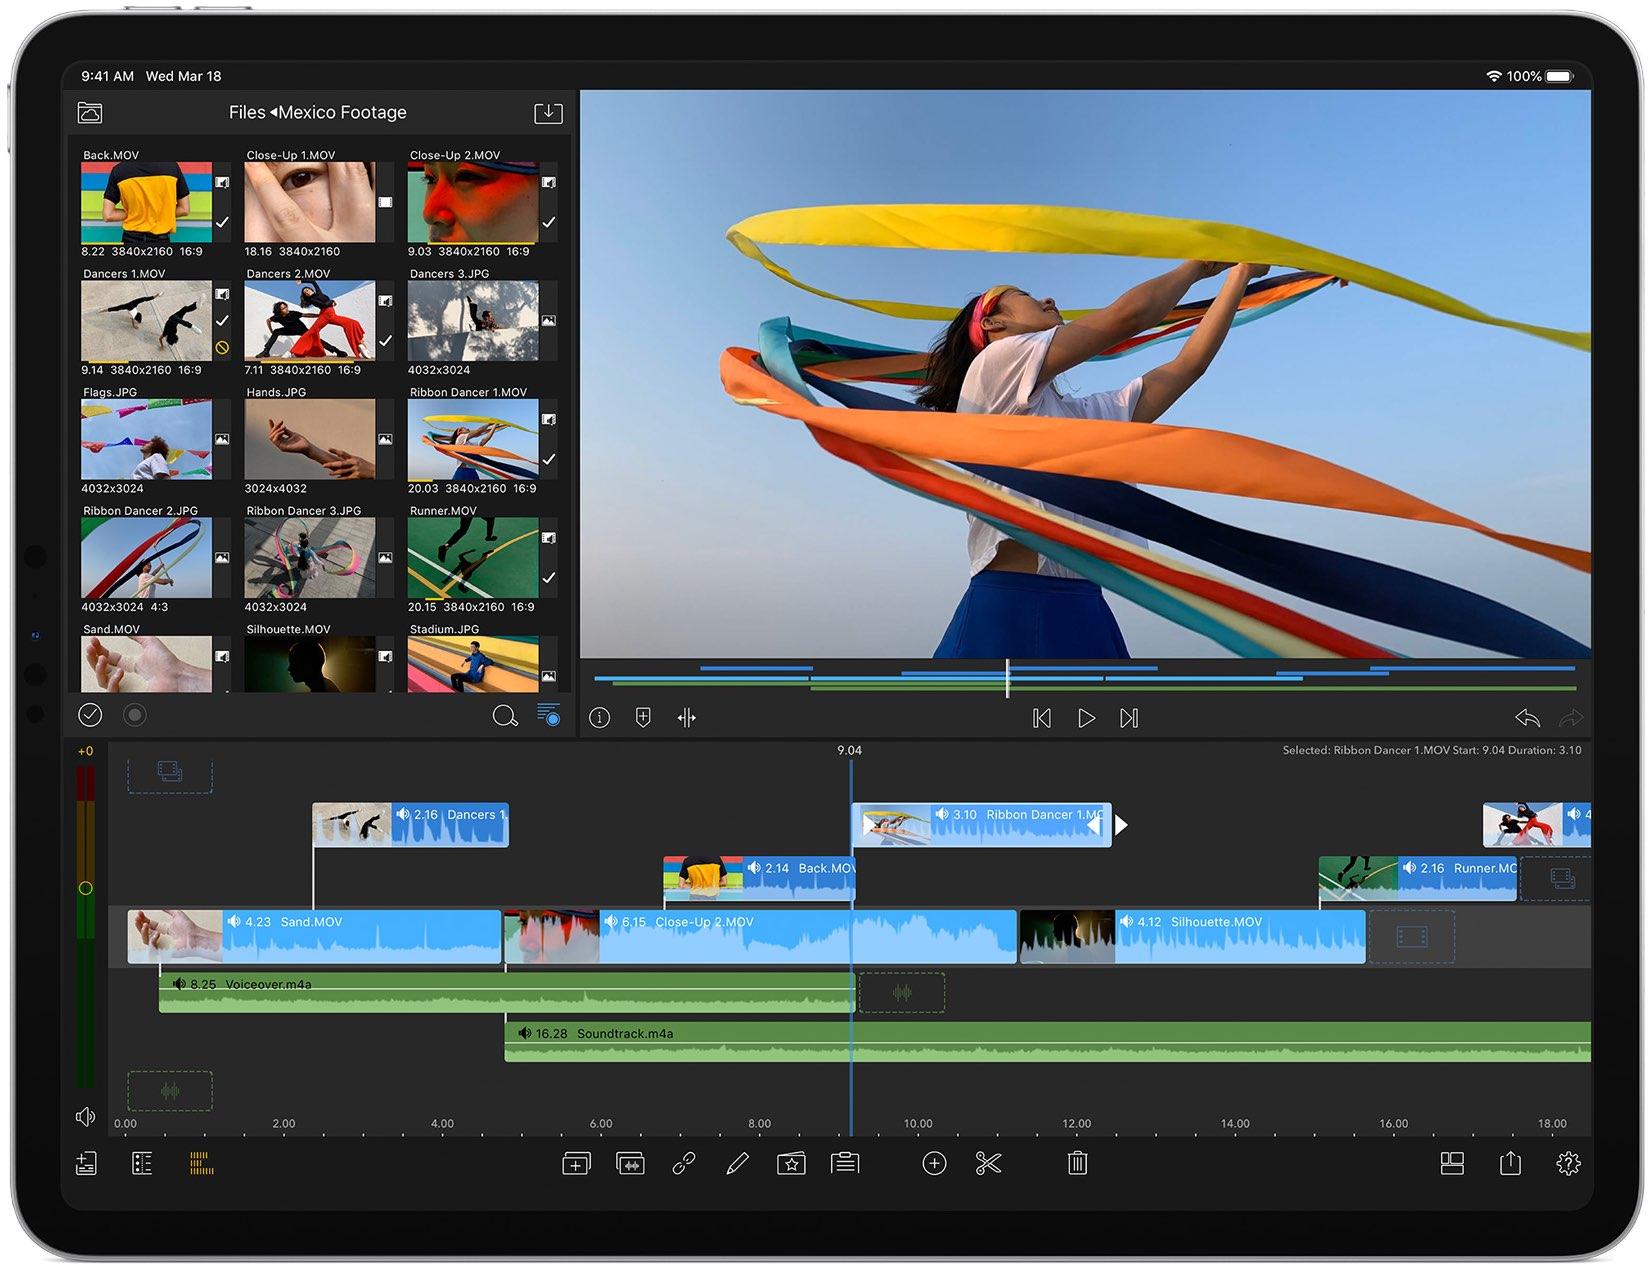 iPad trackpad gestures - editing video on iPad